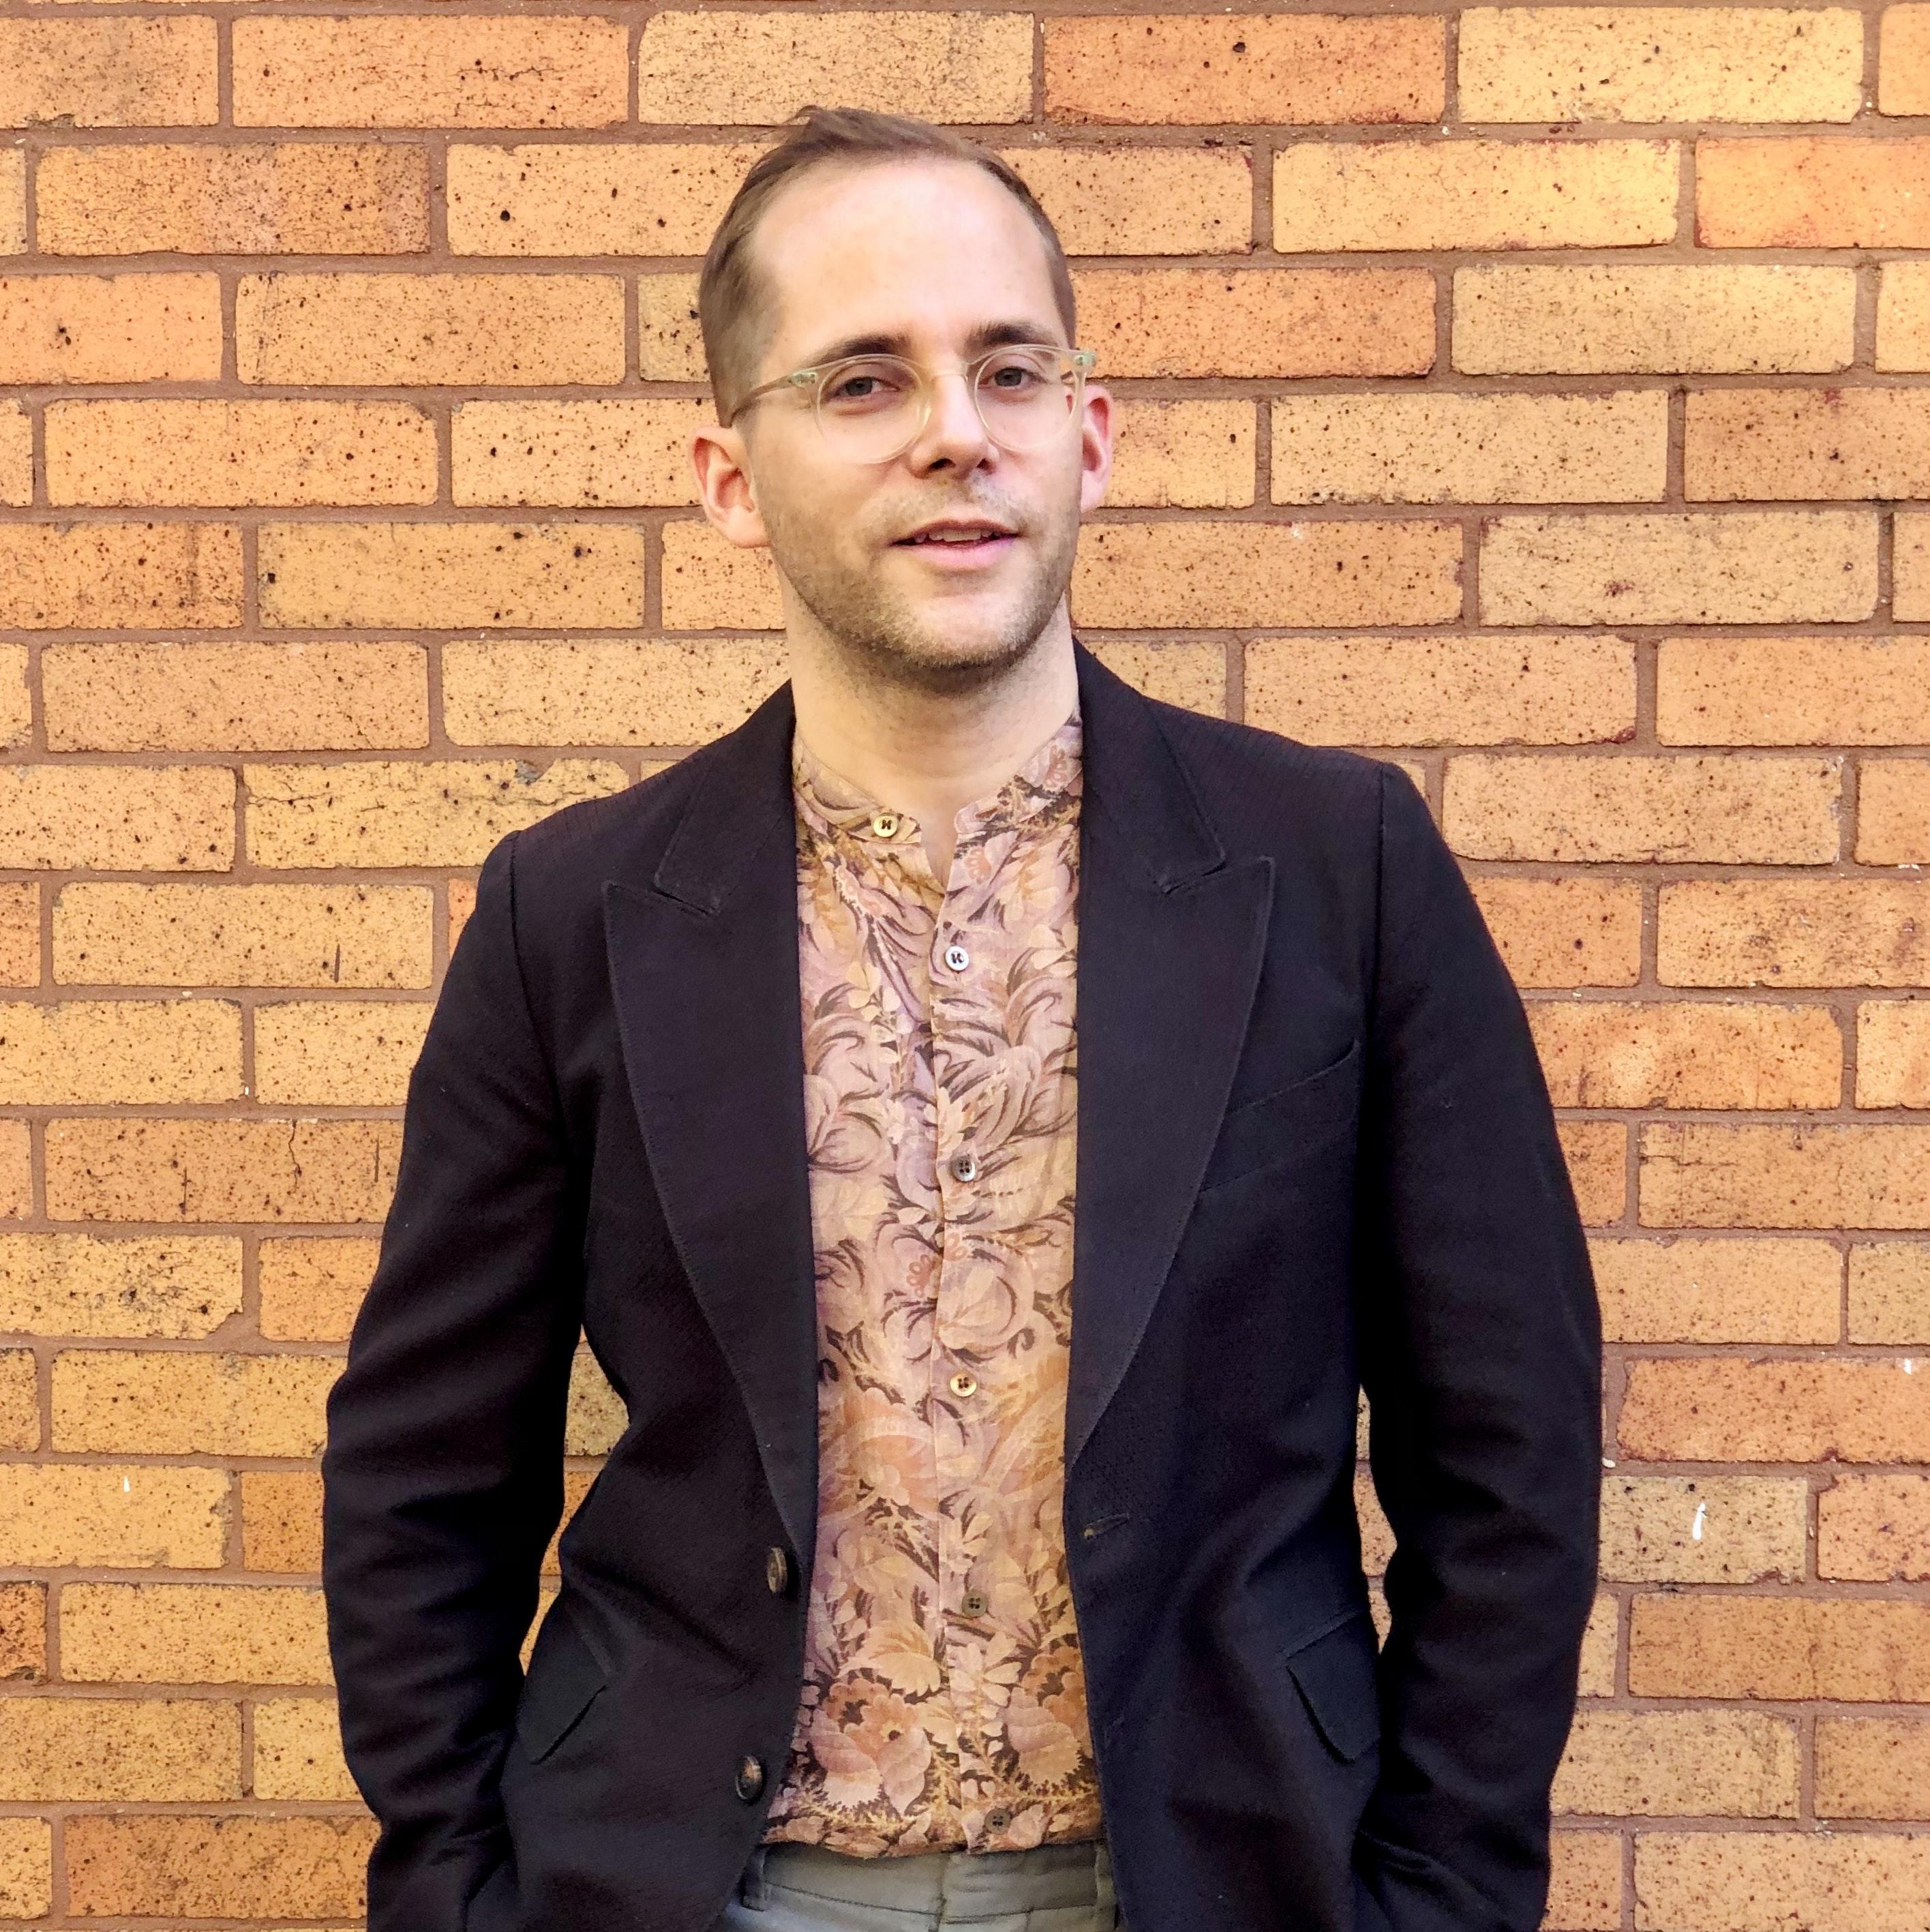 Portrait of Corey Byrnes